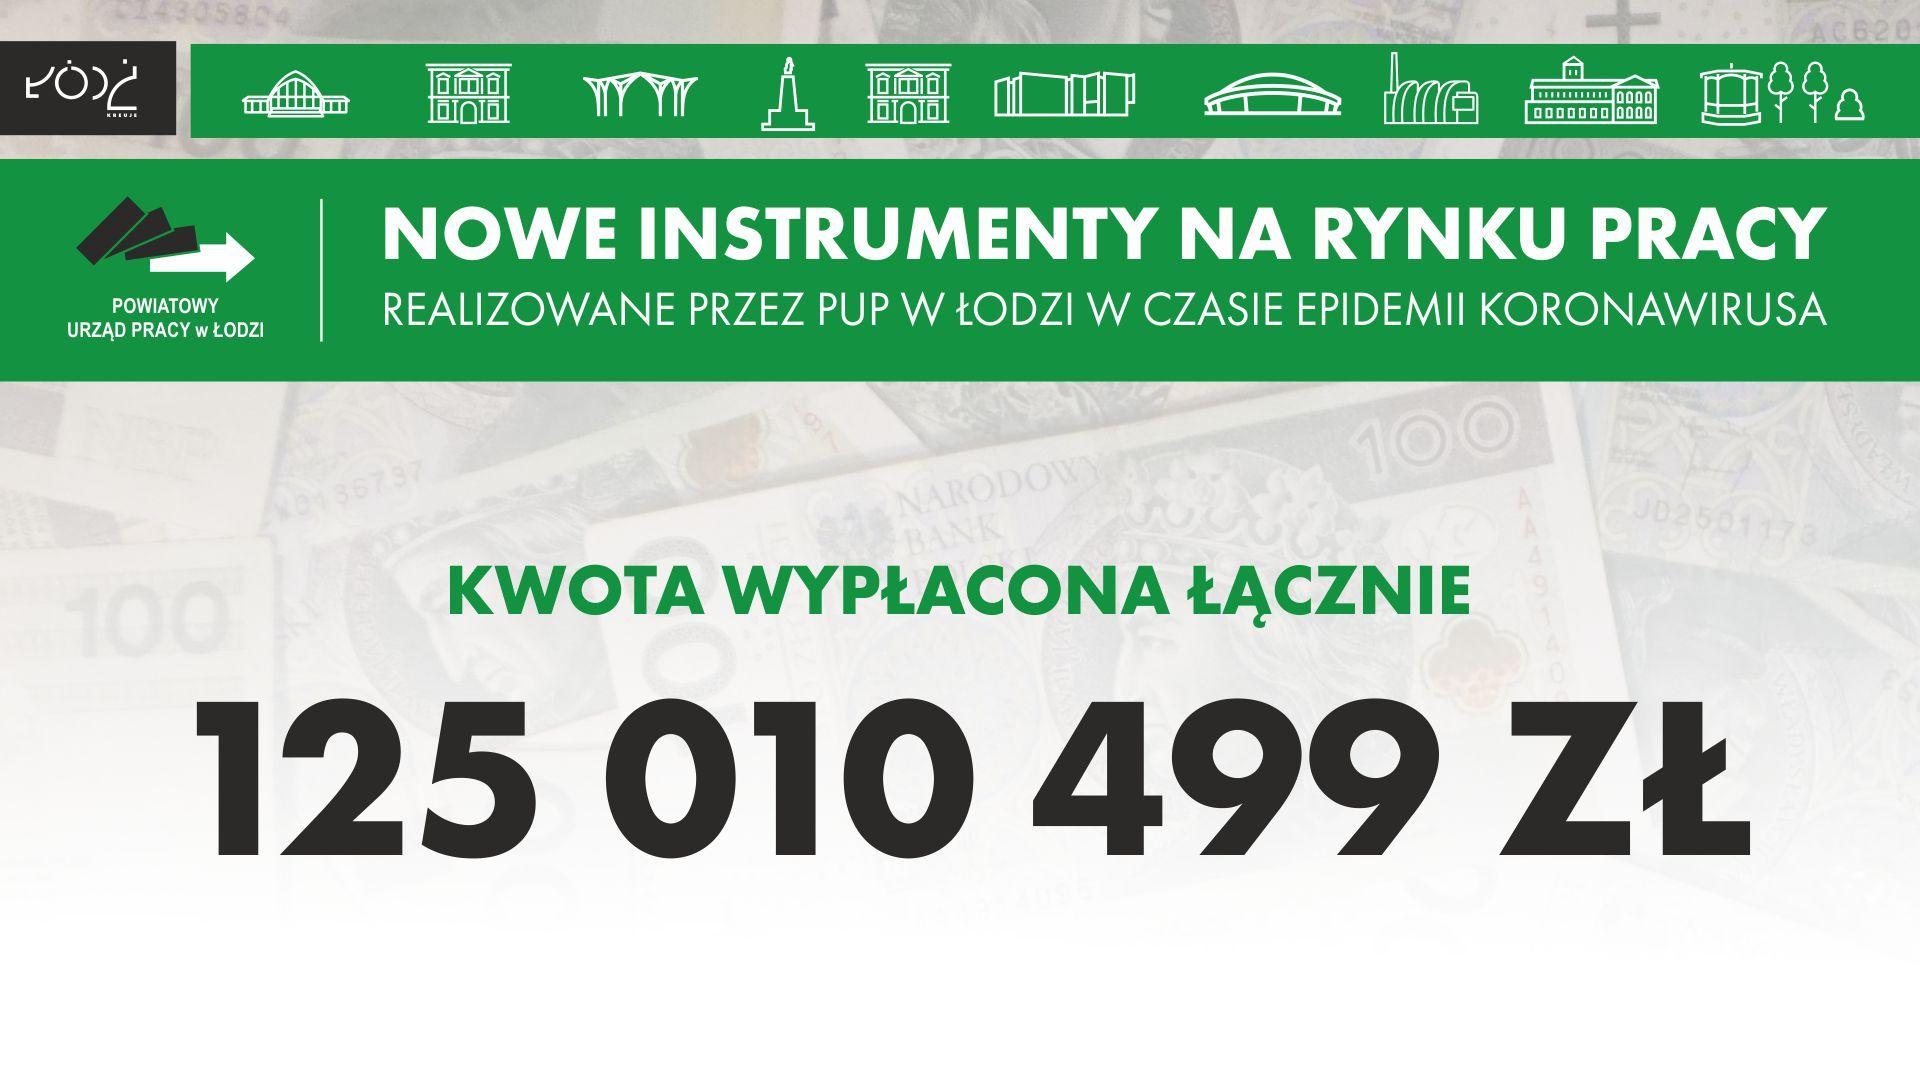 W ramach tarczy antykryzysowej Powiatowy Urząd Pracy w Łodzi wypłacił już przedsiębiorcom kwotę 125 mln zł (fot. uml.lodz.pl)